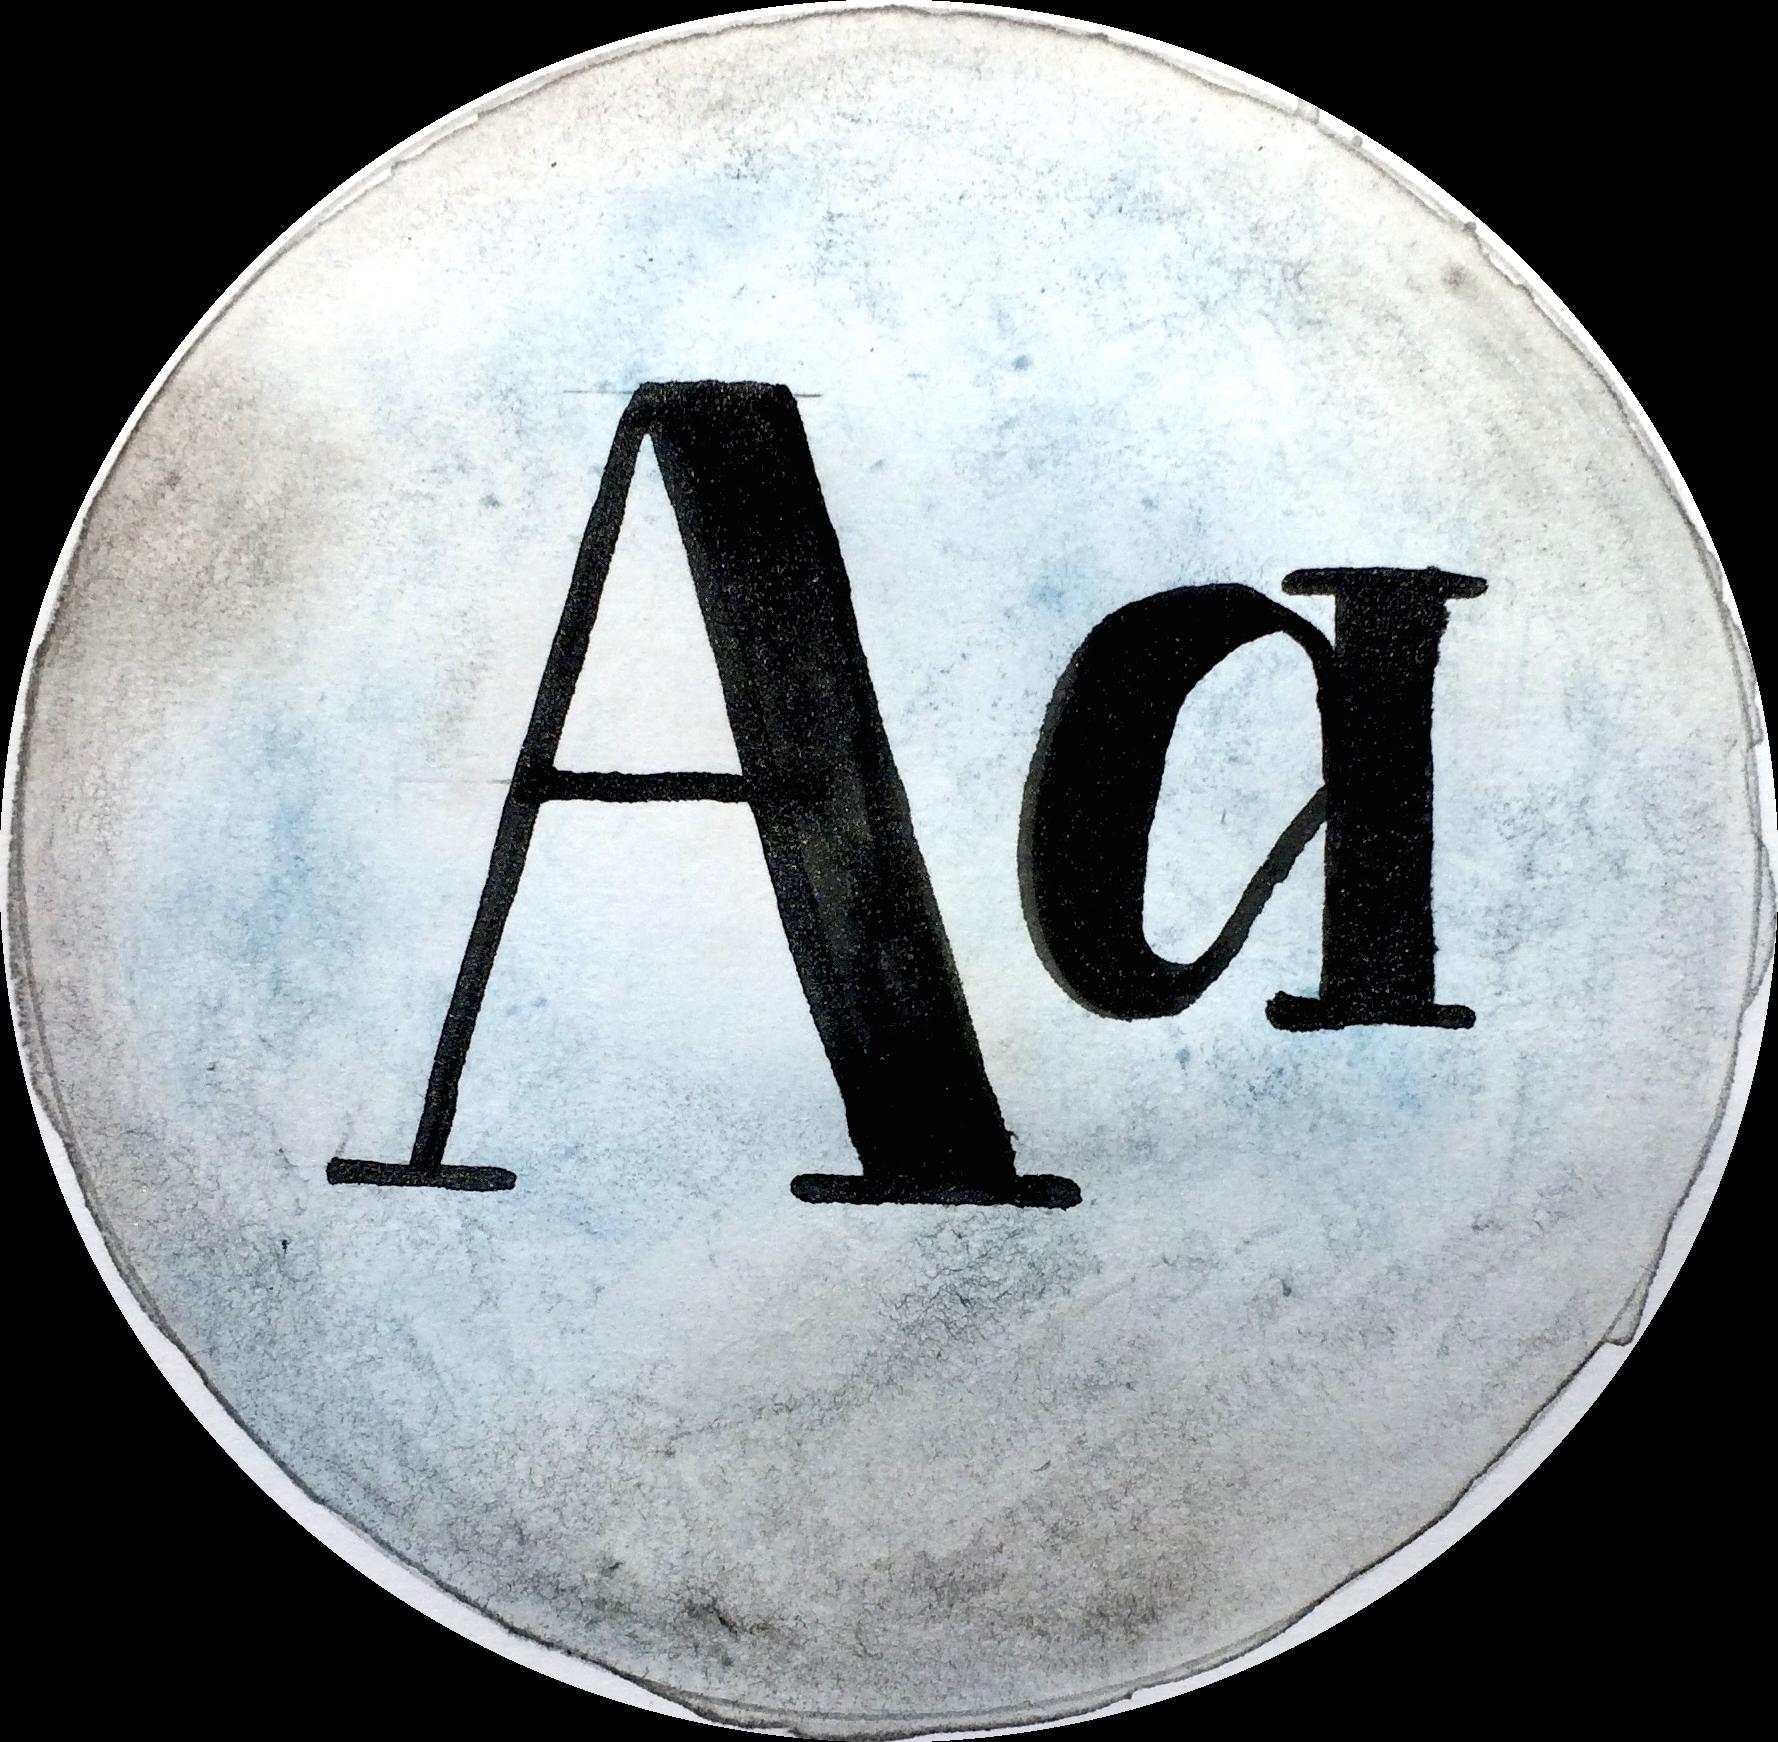 Download Anthem Blue Cross Blue Shield Logo Transparent Png Image